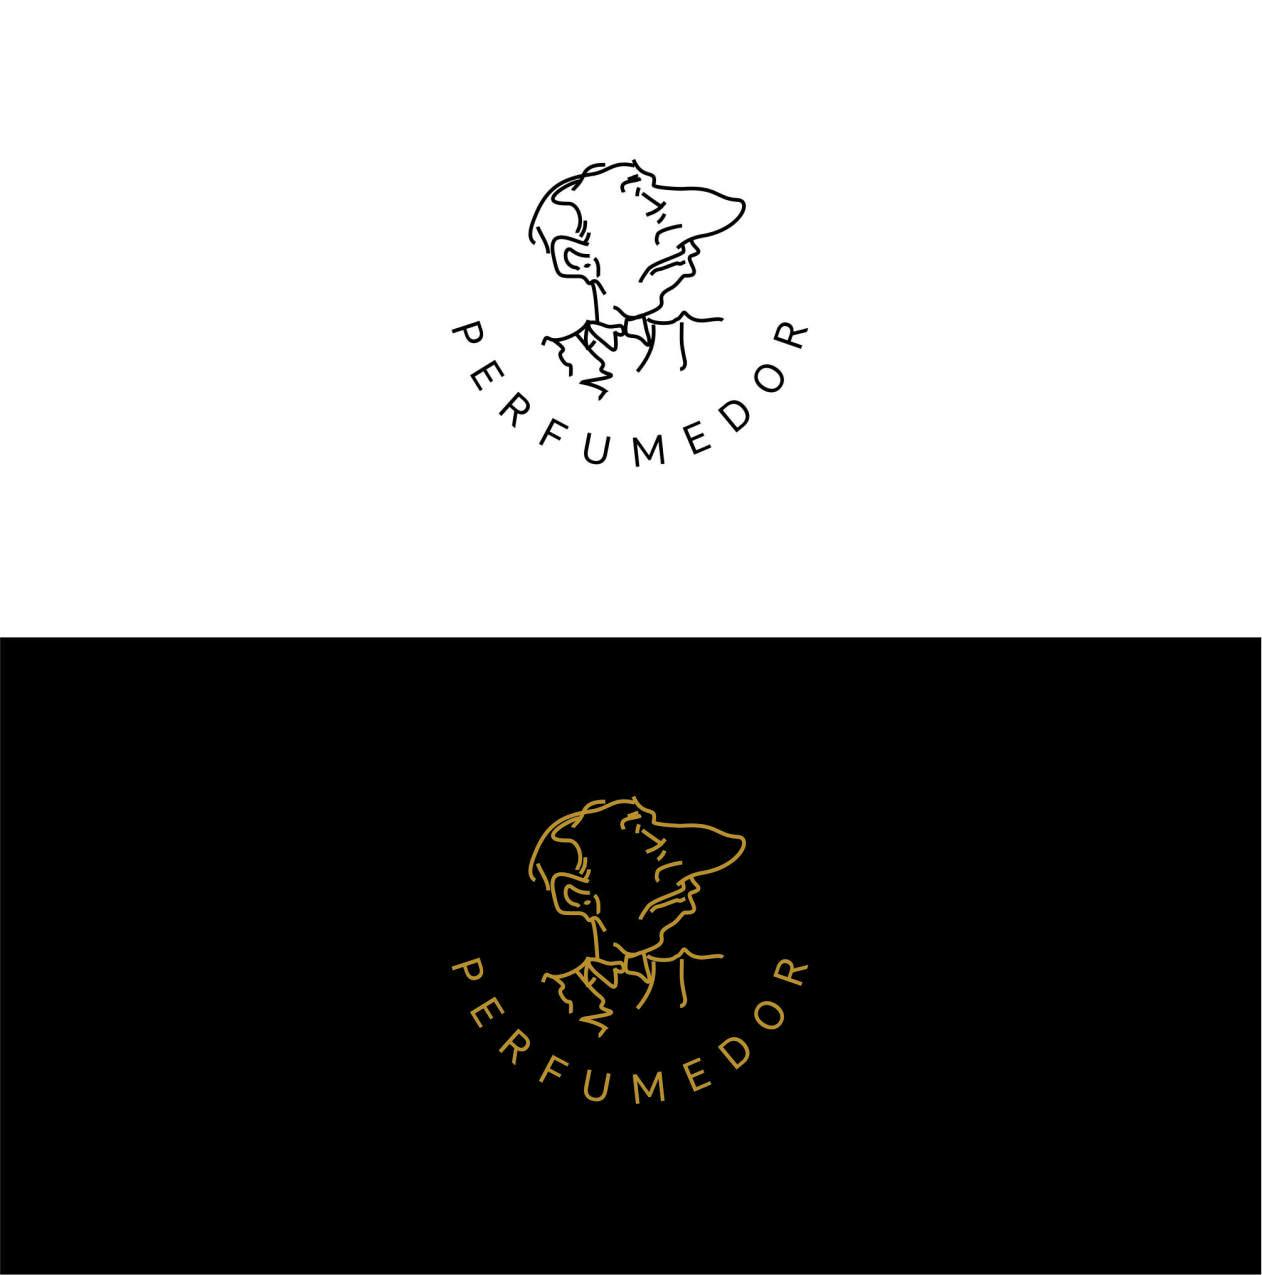 Логотип для интернет-магазина парфюмерии фото f_6365b4b718d7d666.jpg